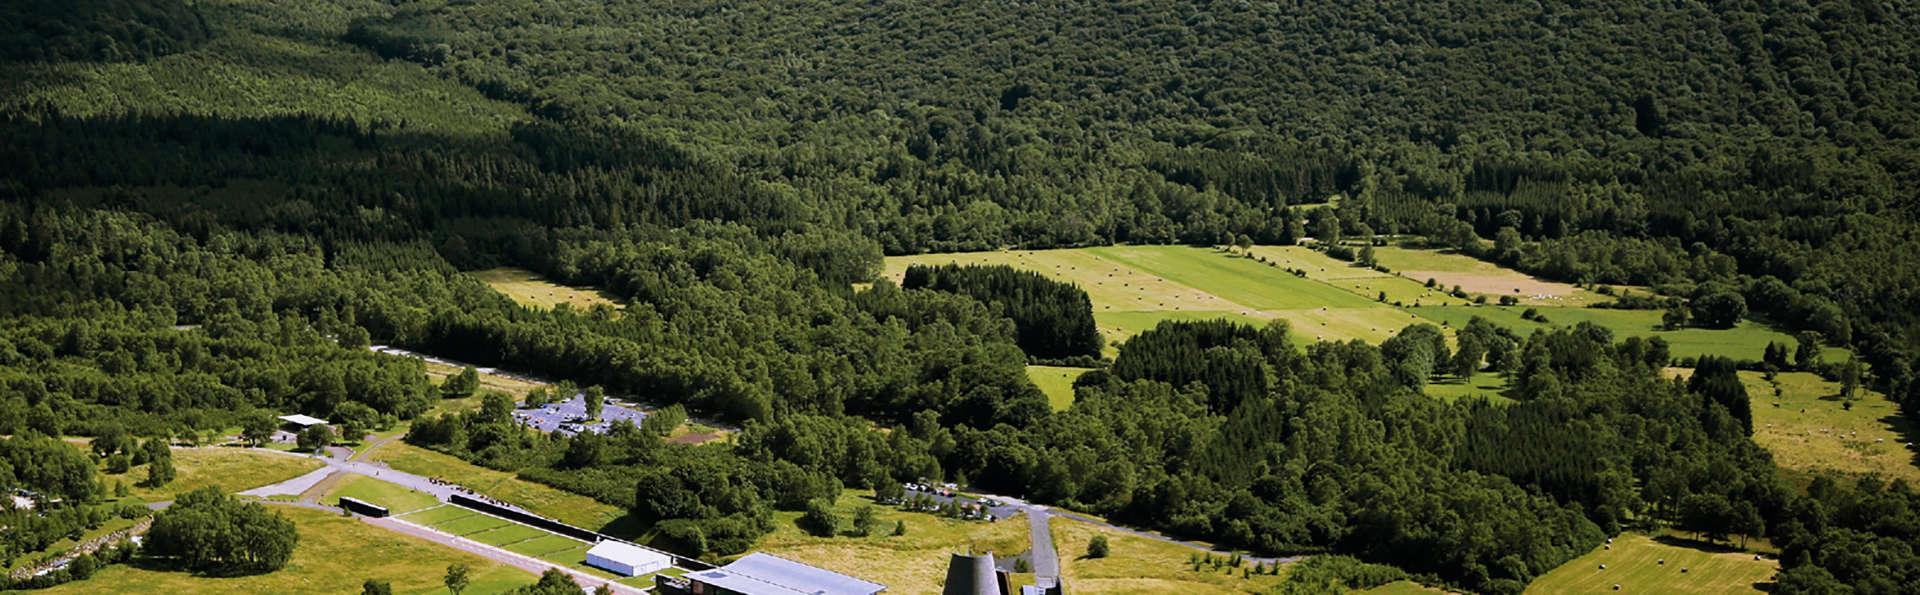 Week-end découverte du Parc Vulcania, en Auvergne